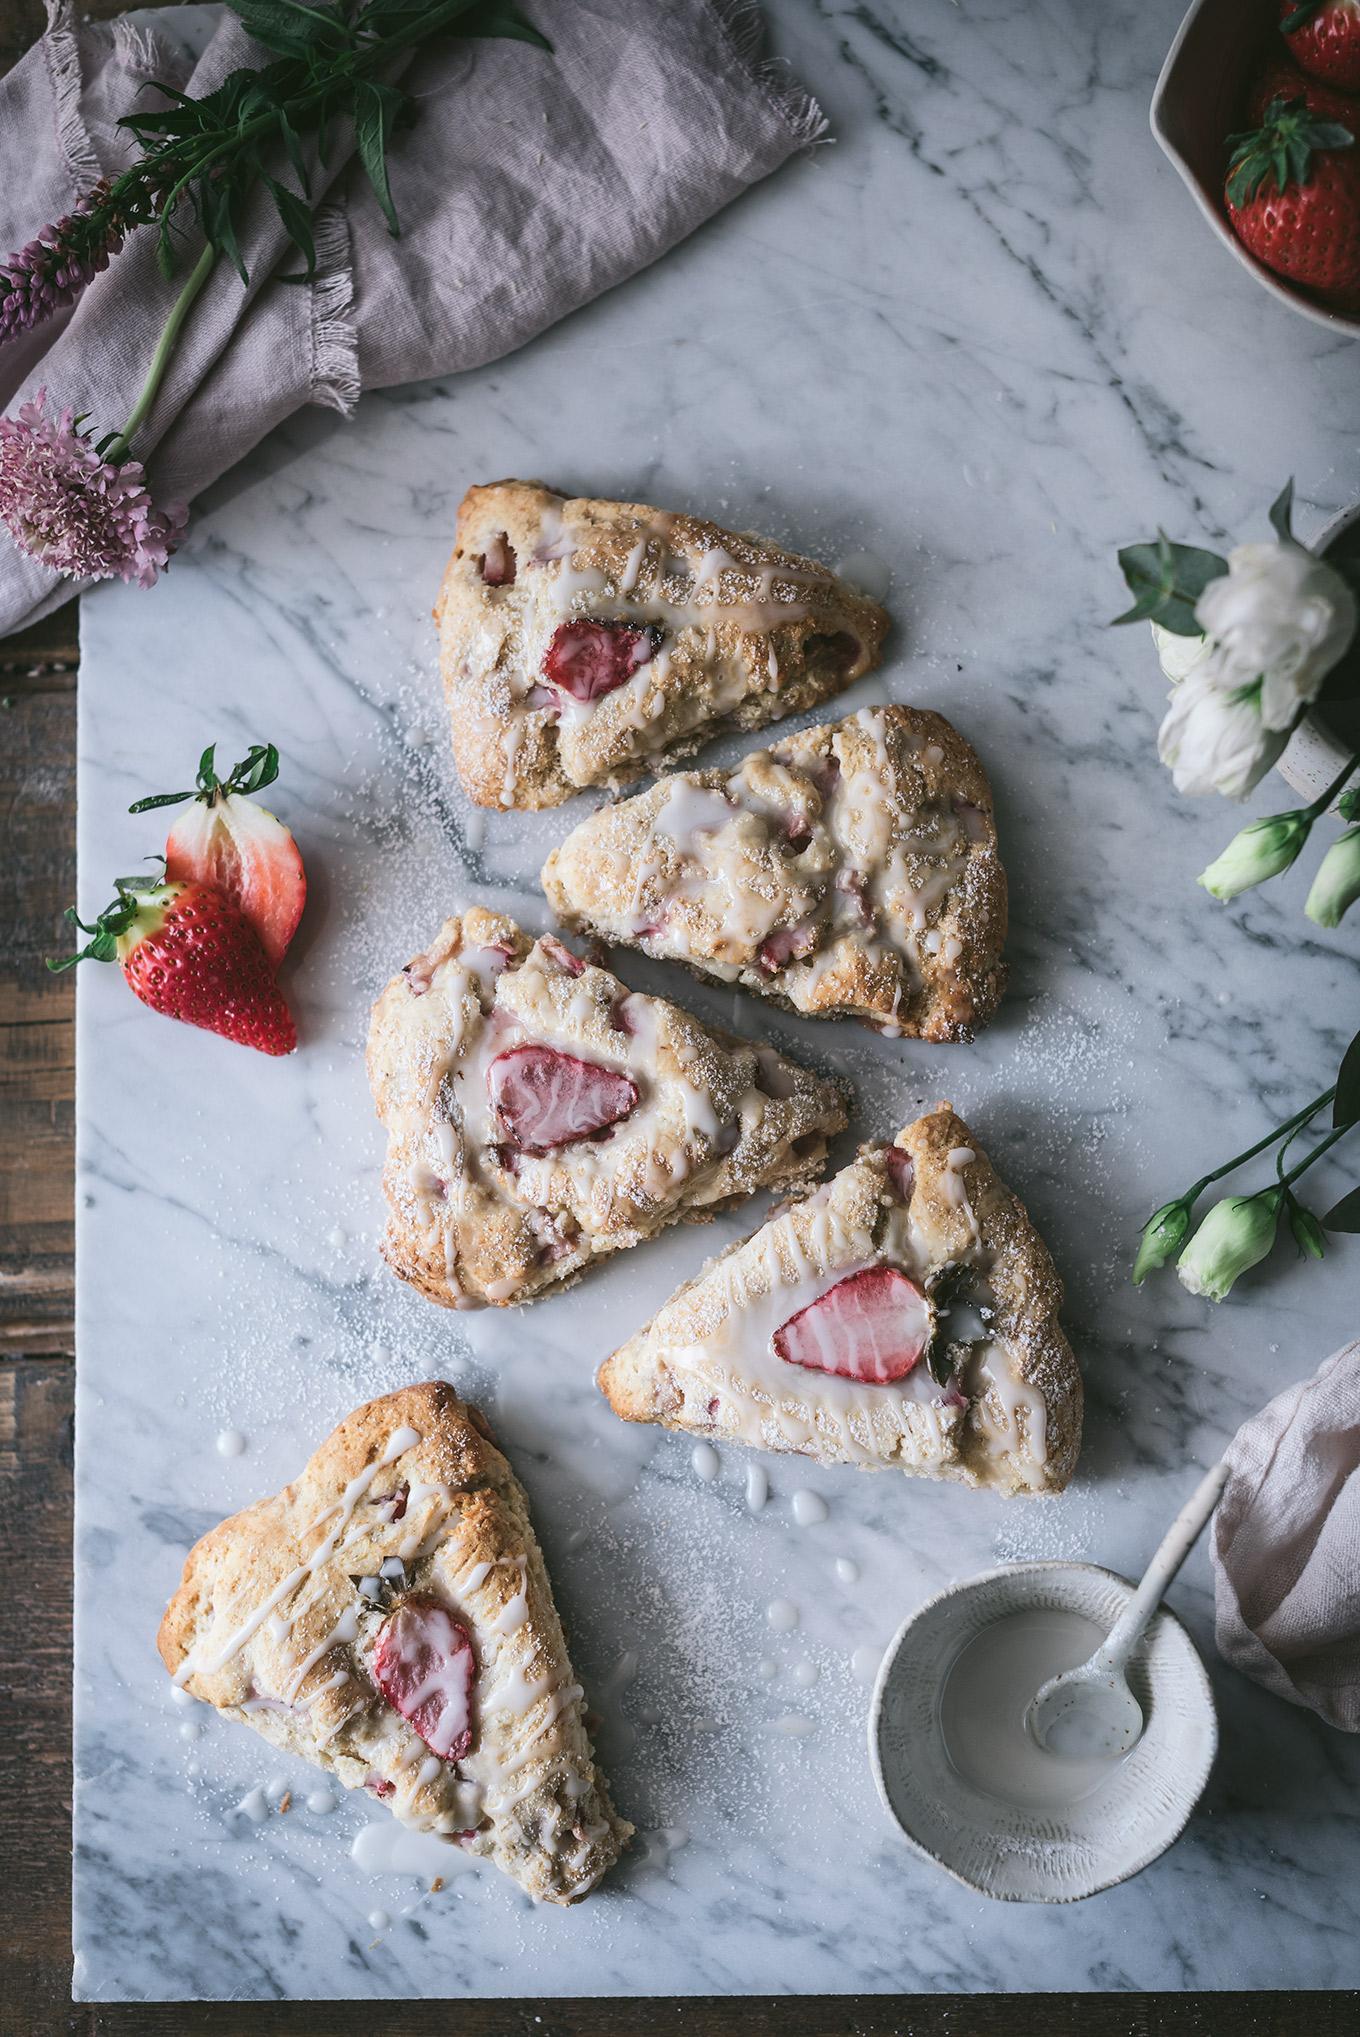 Scones ingleses de fresas con glaseado - Receta Patry Sabores y Momentos